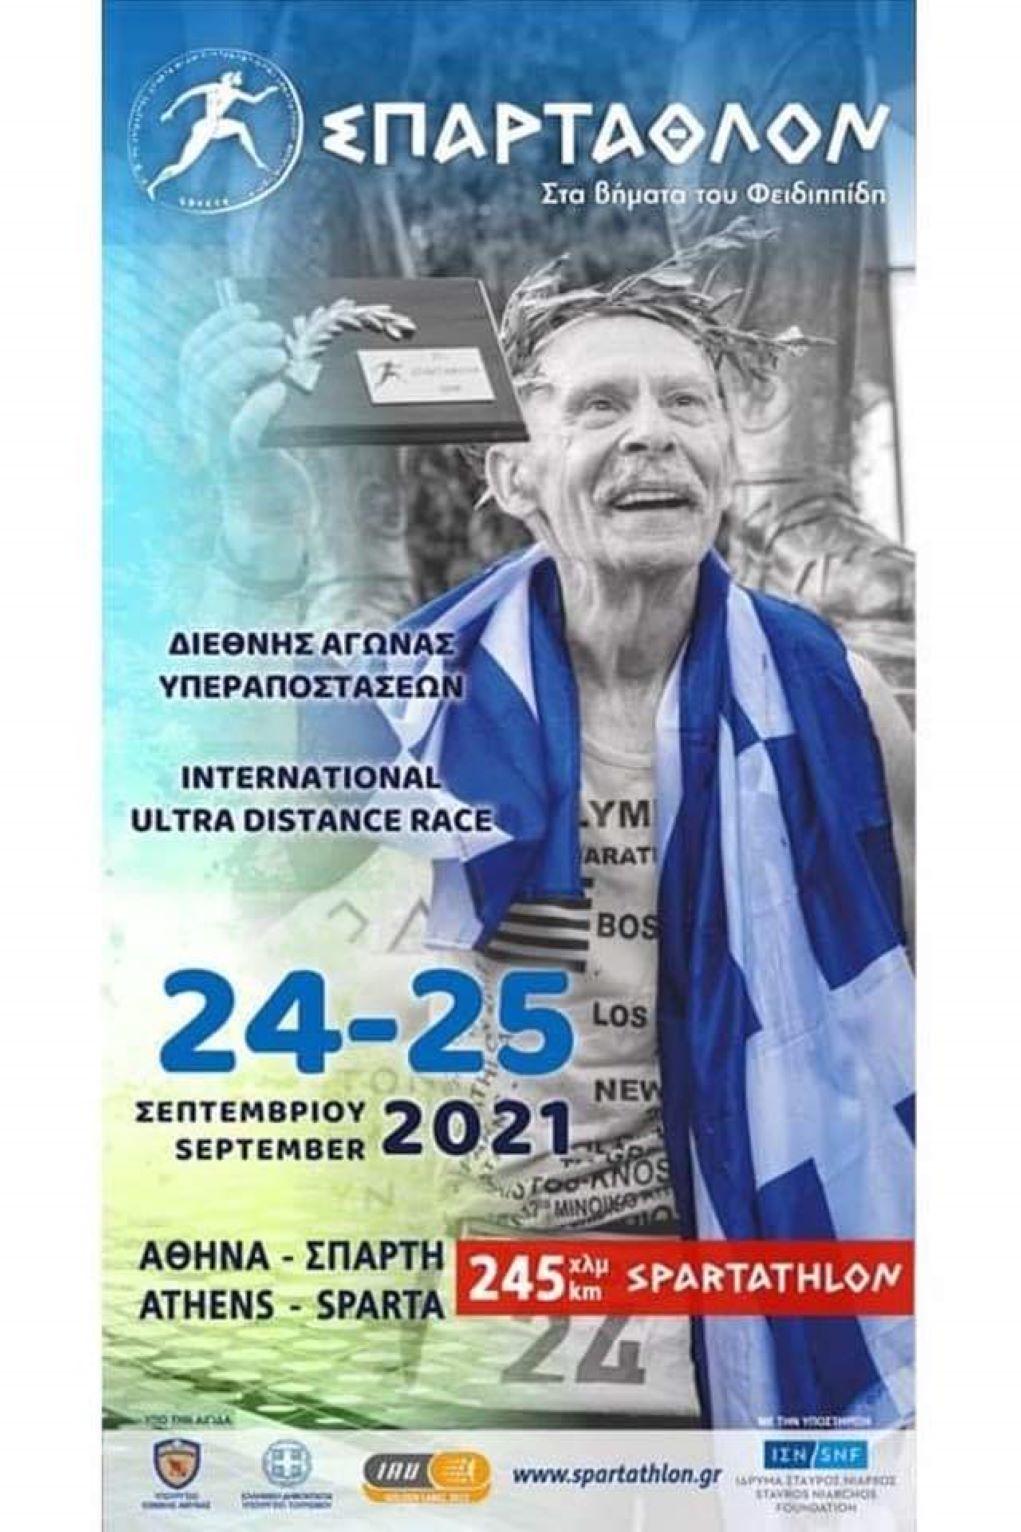 """Ανακοινώθηκε το """"Σπάρταθλον 2021"""" - ertnews.gr"""